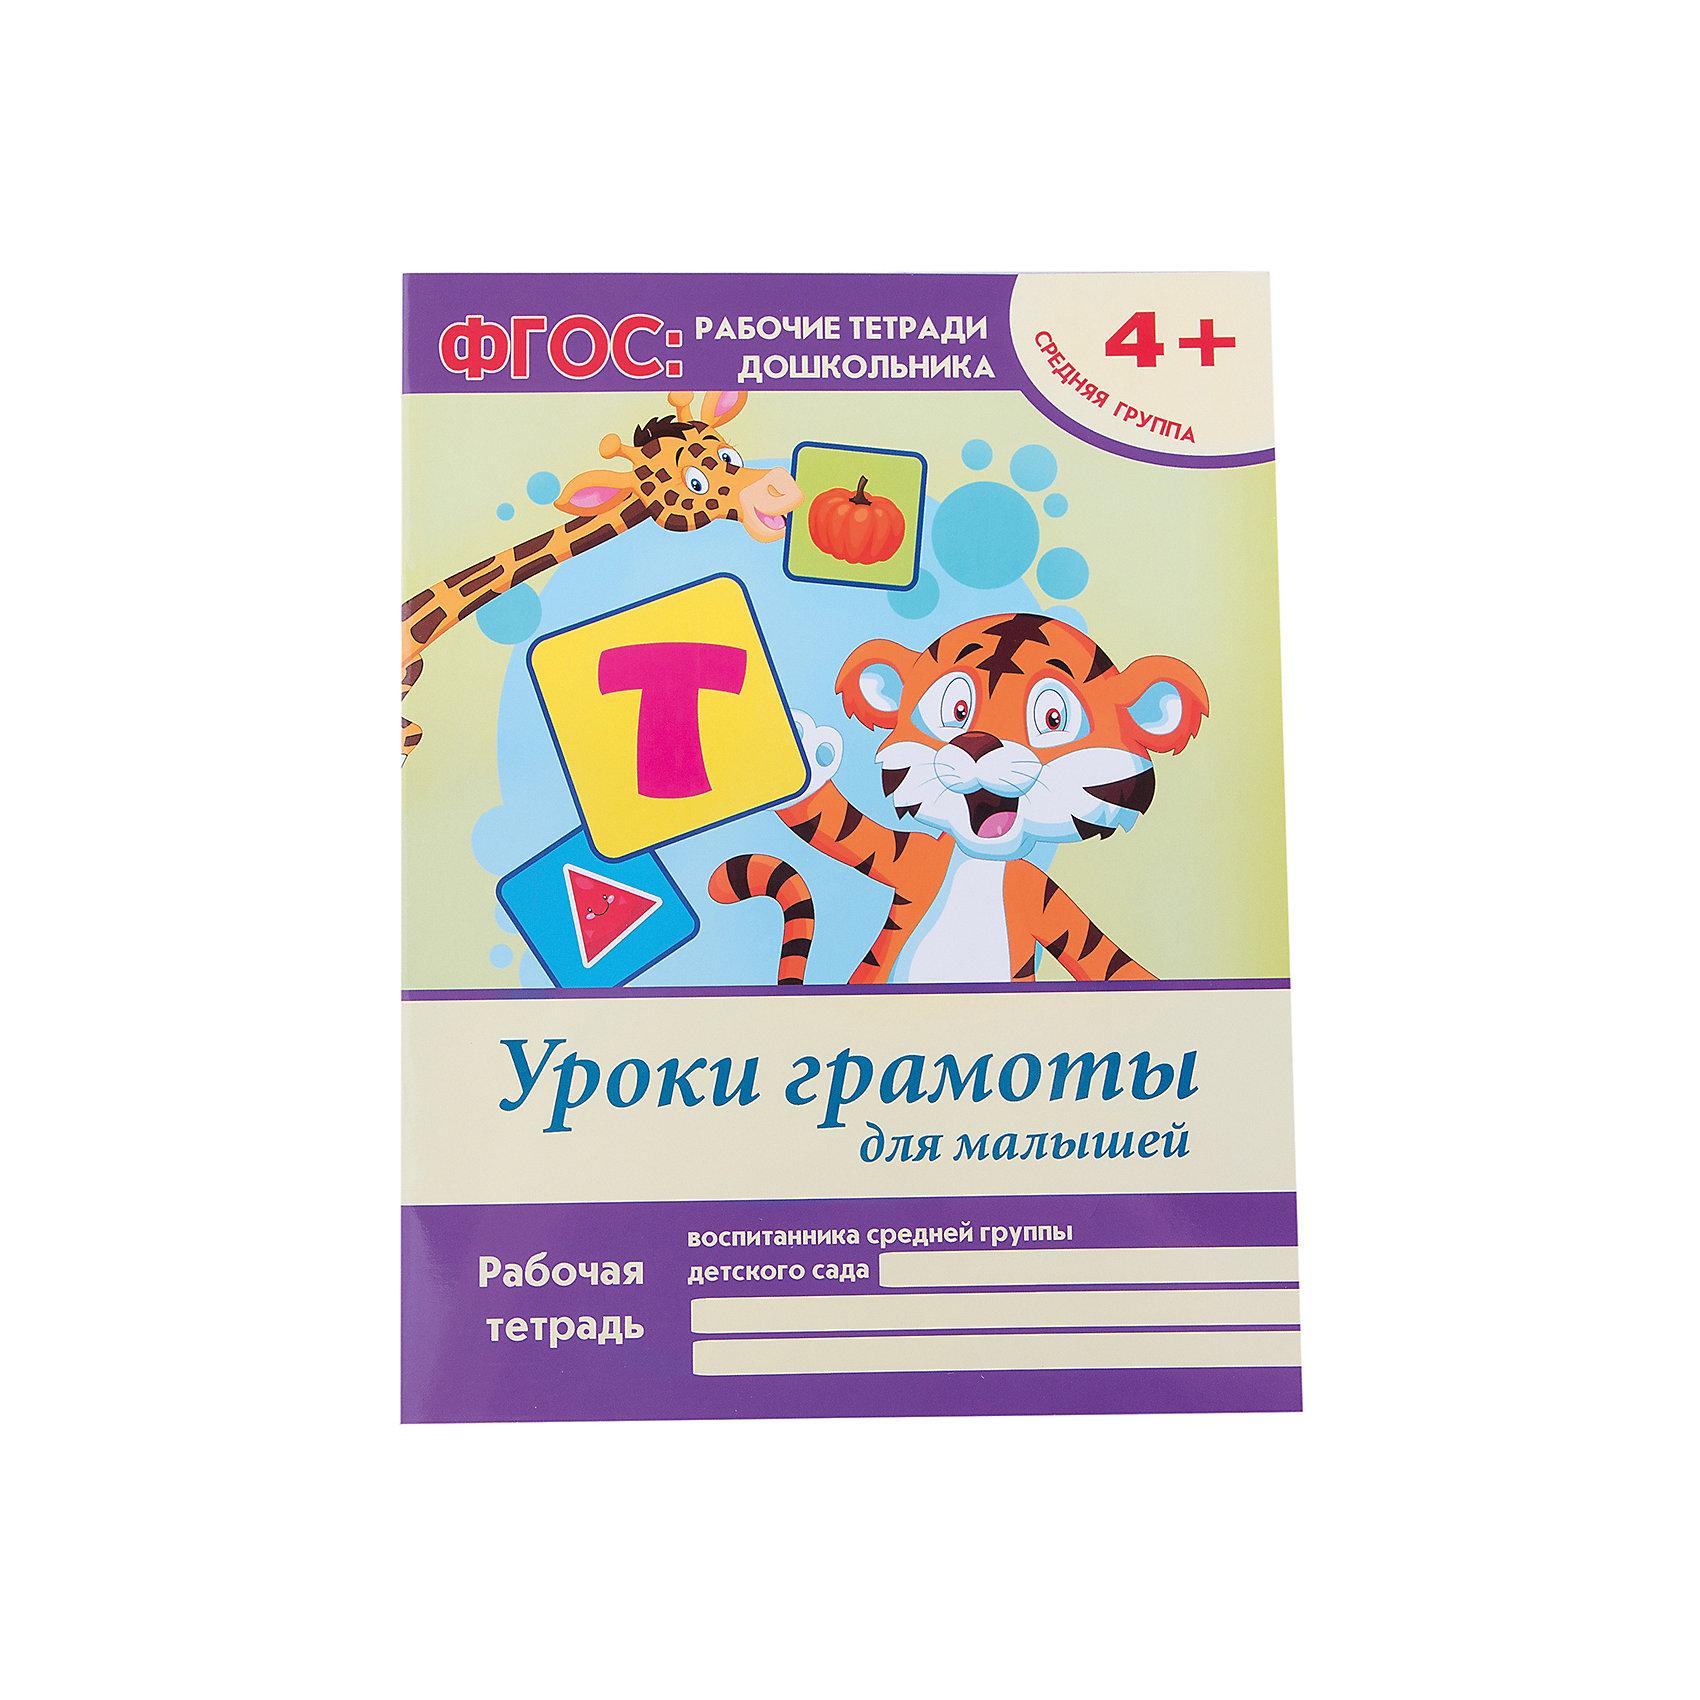 Уроки грамоты для малышей:средняя группаТесты и задания<br>Как закрепить знания малыша о буквах и звуках? В этом вам поможет наша тетрадь. Занимаясь по ней, ребенок повторит буквы, вспомнит их зрительные образы, познакомится с основами звуко-буквенного анализа слова, научится различать гласные и согласные звуки,<br><br>Ширина мм: 260<br>Глубина мм: 200<br>Высота мм: 2<br>Вес г: 70<br>Возраст от месяцев: 12<br>Возраст до месяцев: 60<br>Пол: Унисекс<br>Возраст: Детский<br>SKU: 5120117